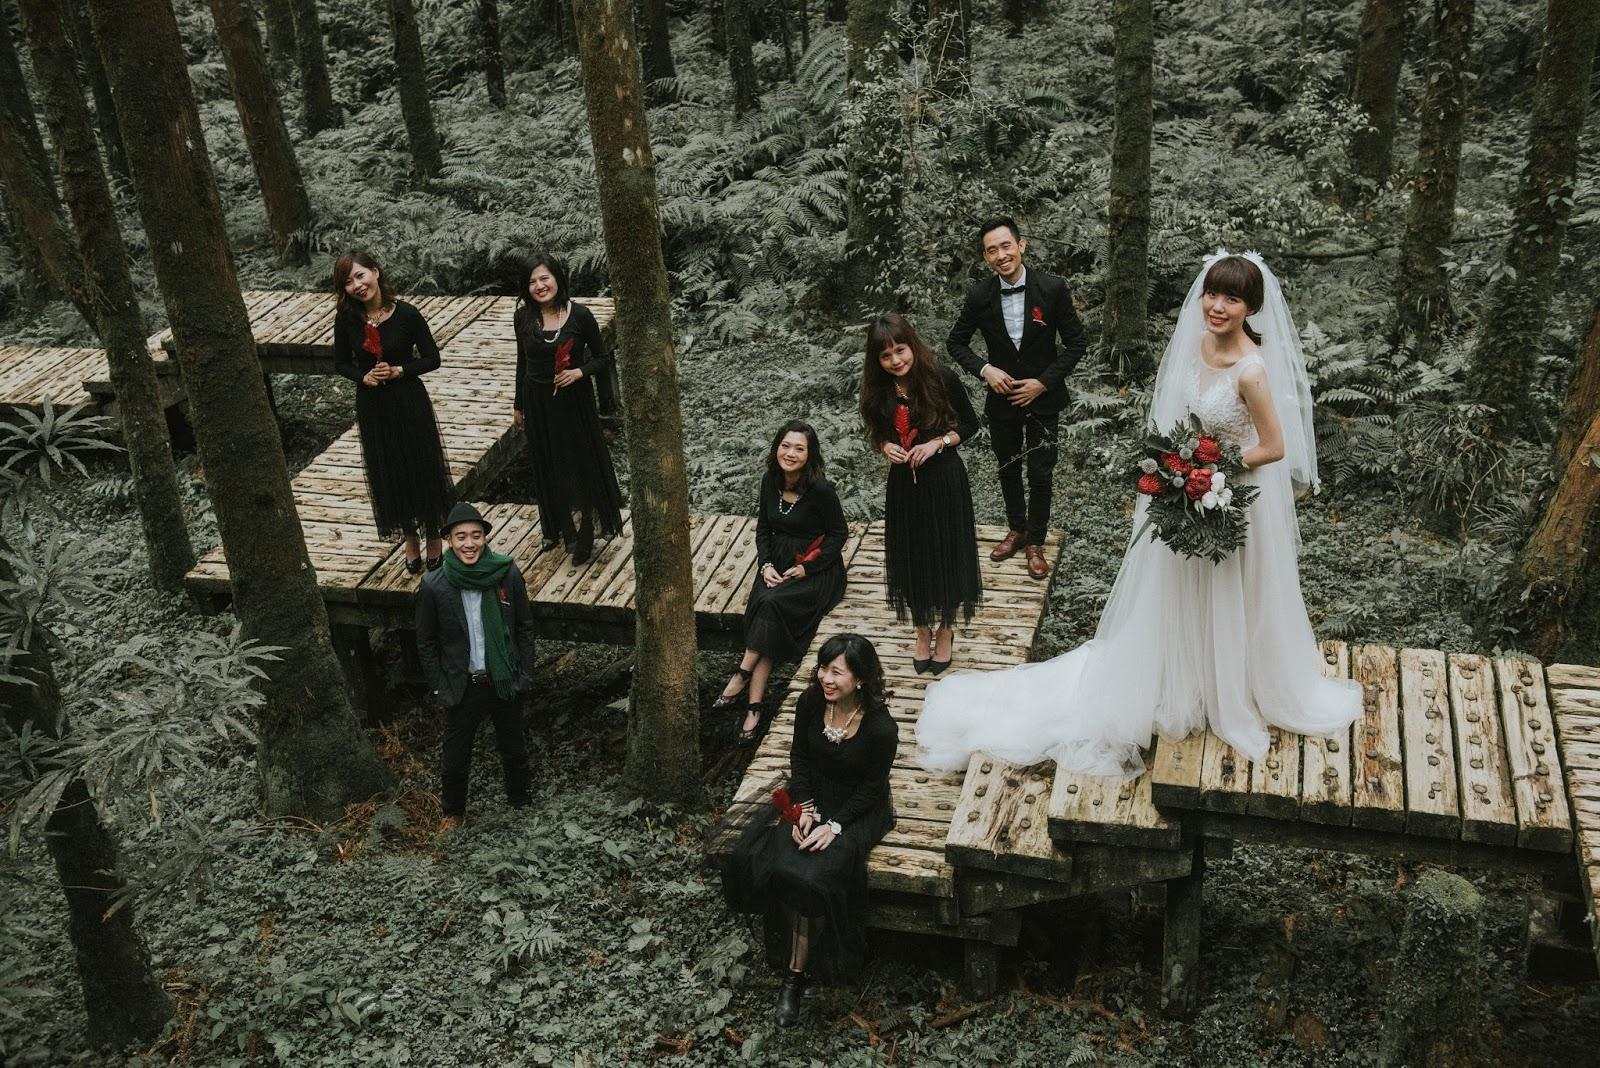 台中新秘, 自助婚紗, 婚紗造型, 新娘秘書, 新娘造型, 新秘阿桂Dabby, 新秘推薦, 閨蜜婚紗, 宜蘭婚紗